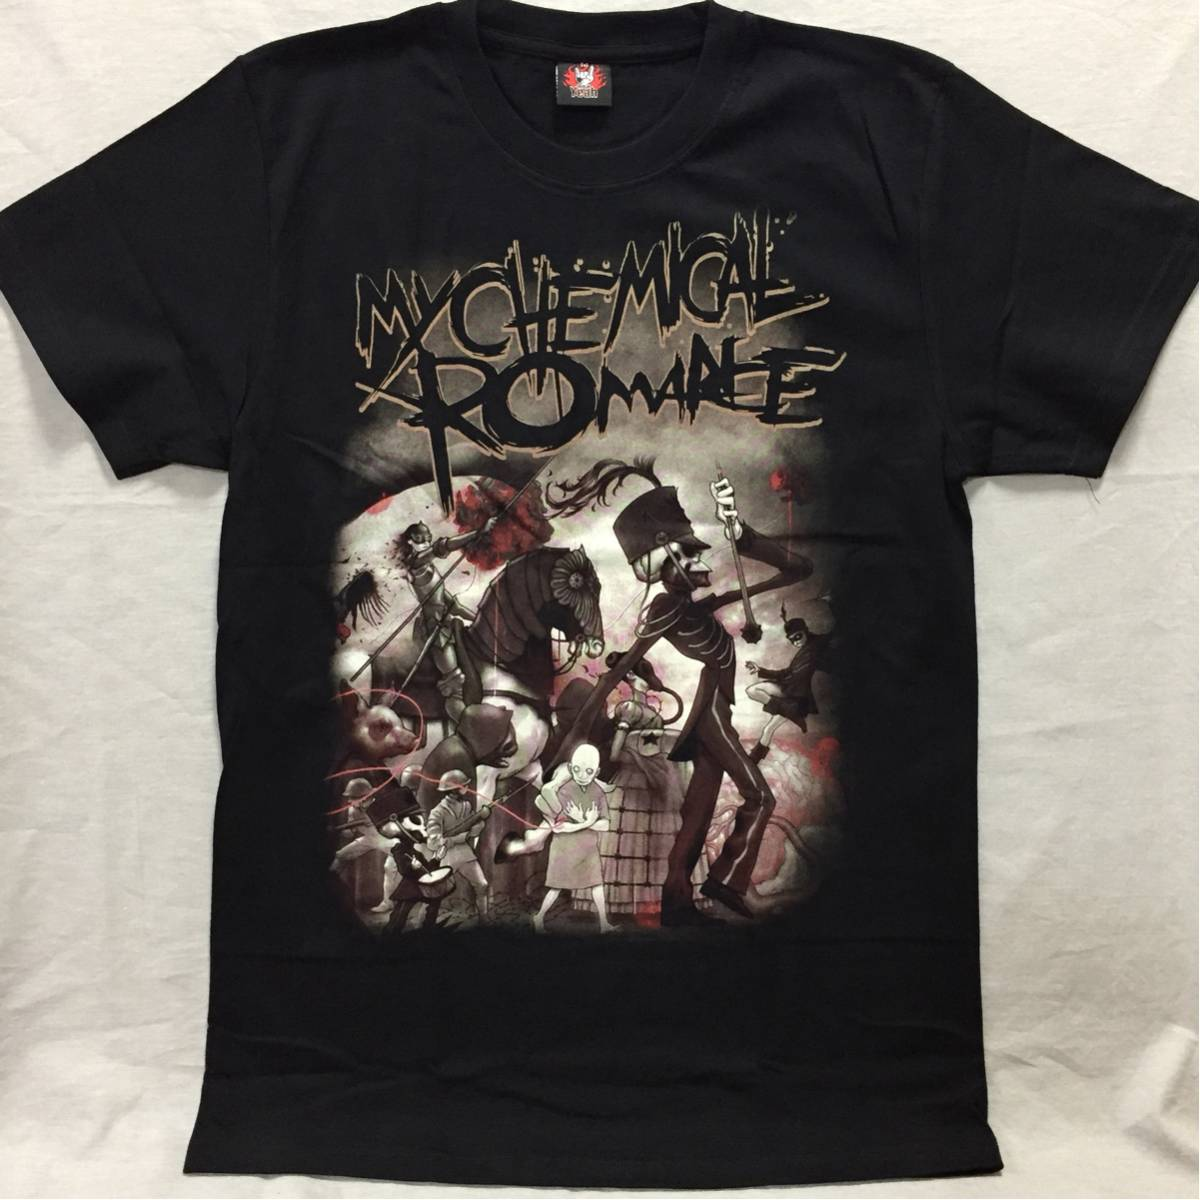 バンドTシャツ マイケミカルロマンス(MY CHEMIC AL ROMANCE) 新品L